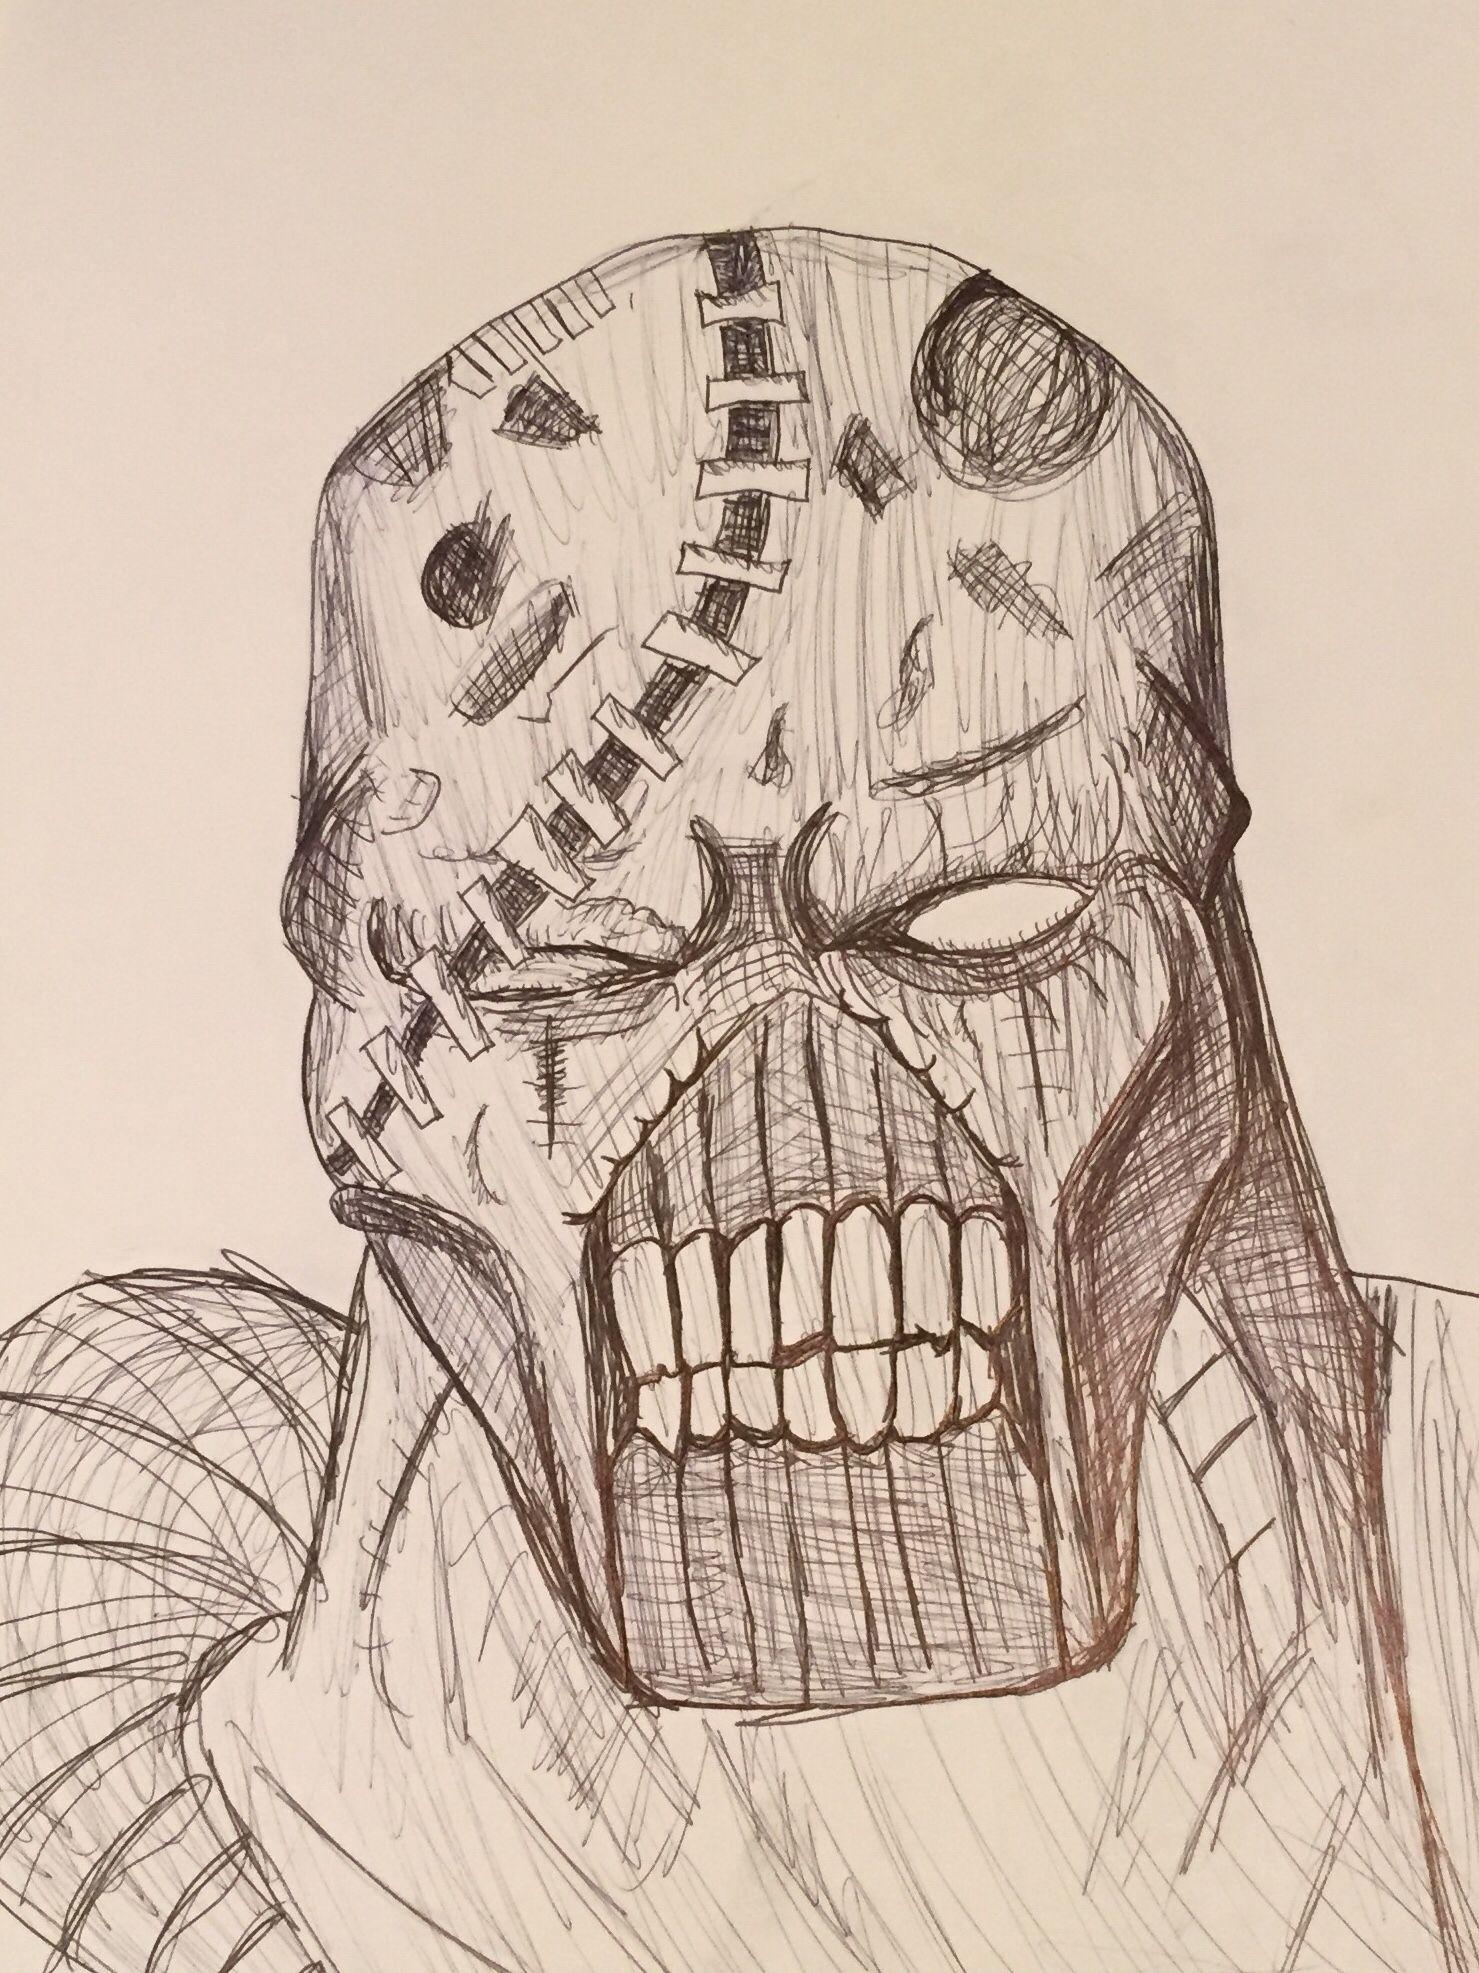 Nemesis From Resident Evil Drawing By Mira Leda Residentevil